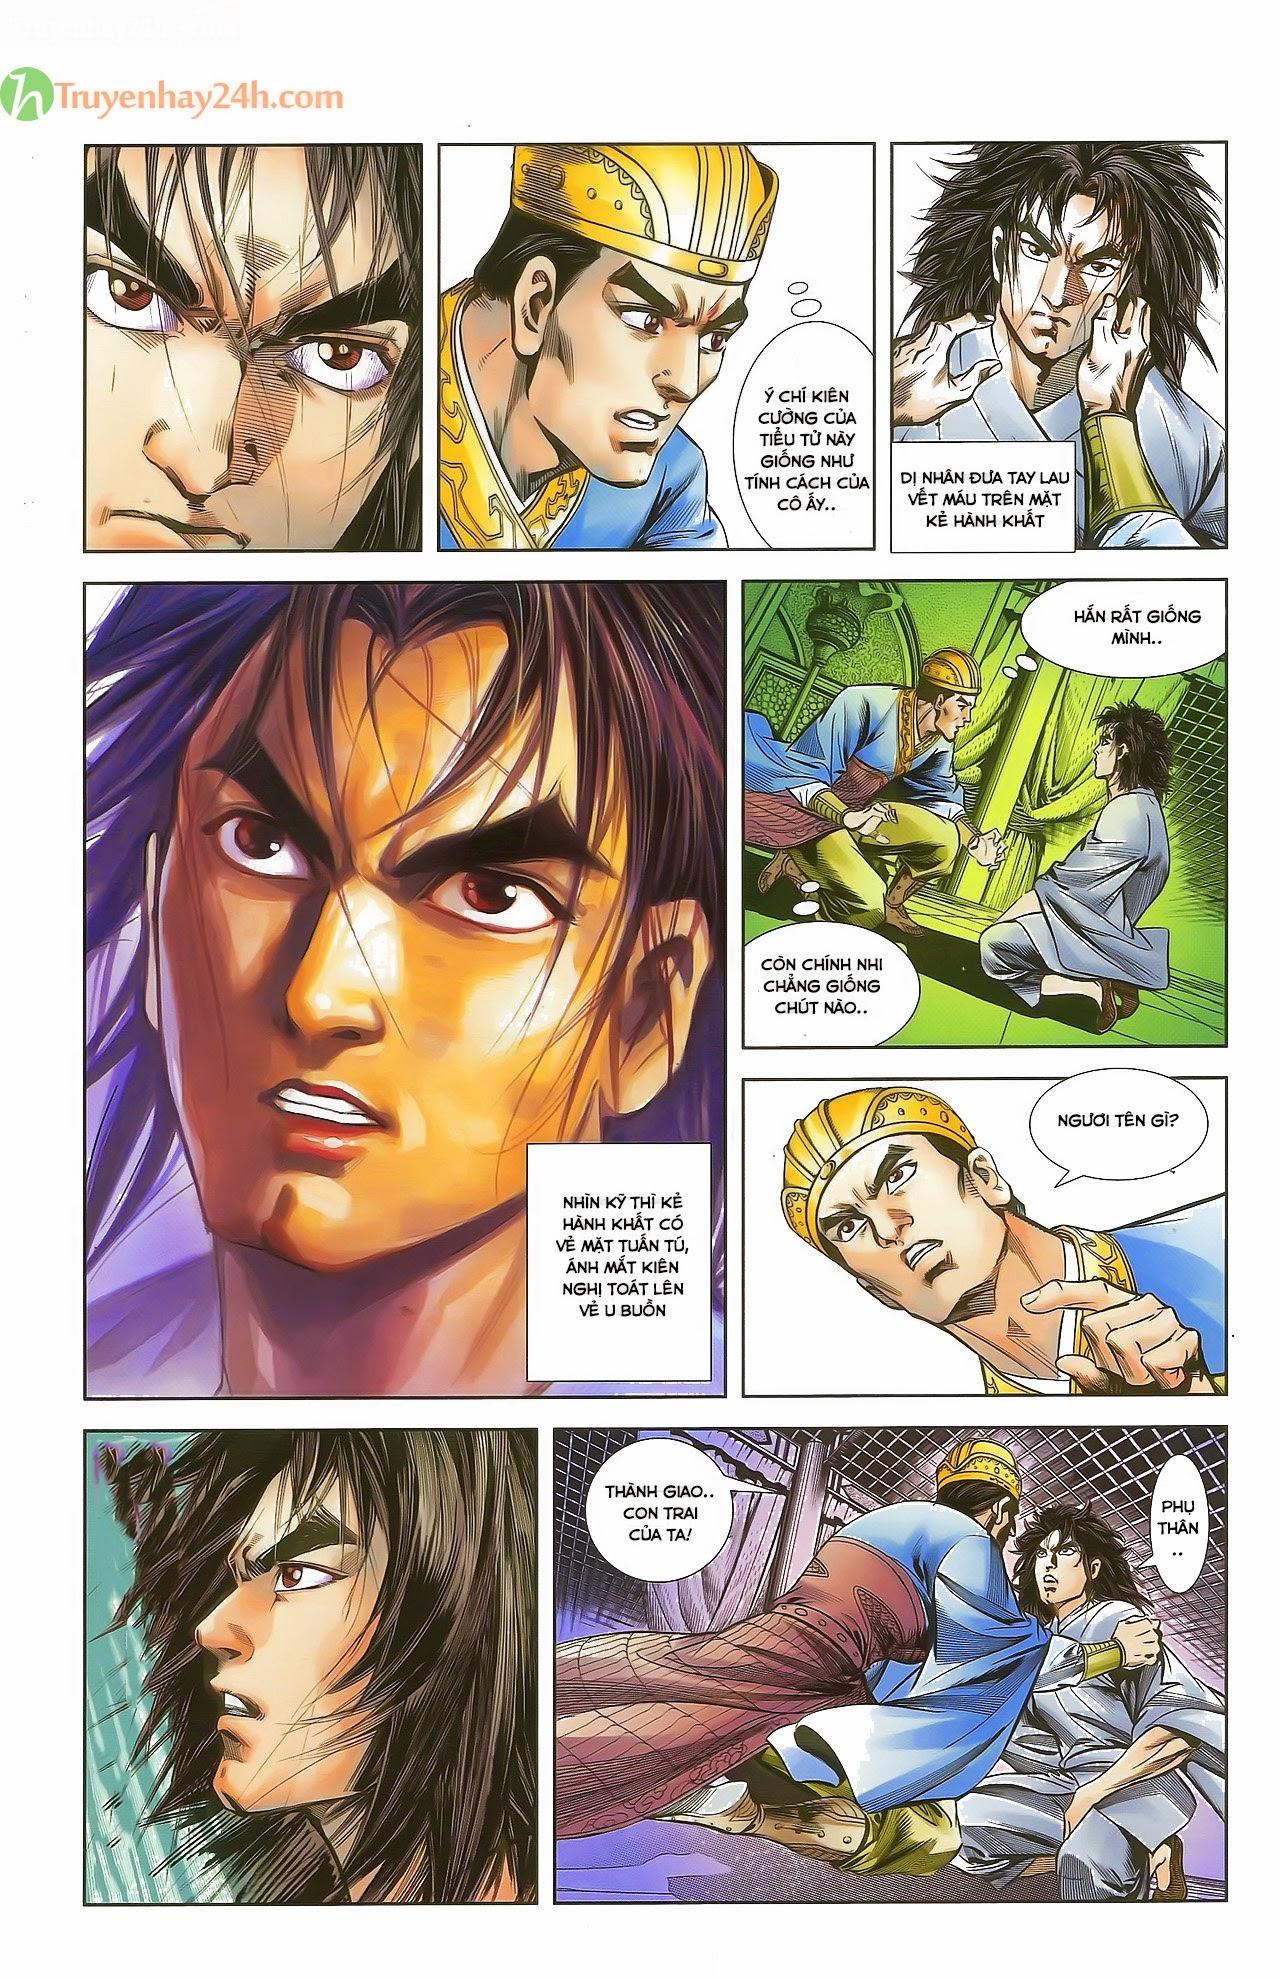 Tần Vương Doanh Chính chapter 29.2 trang 5